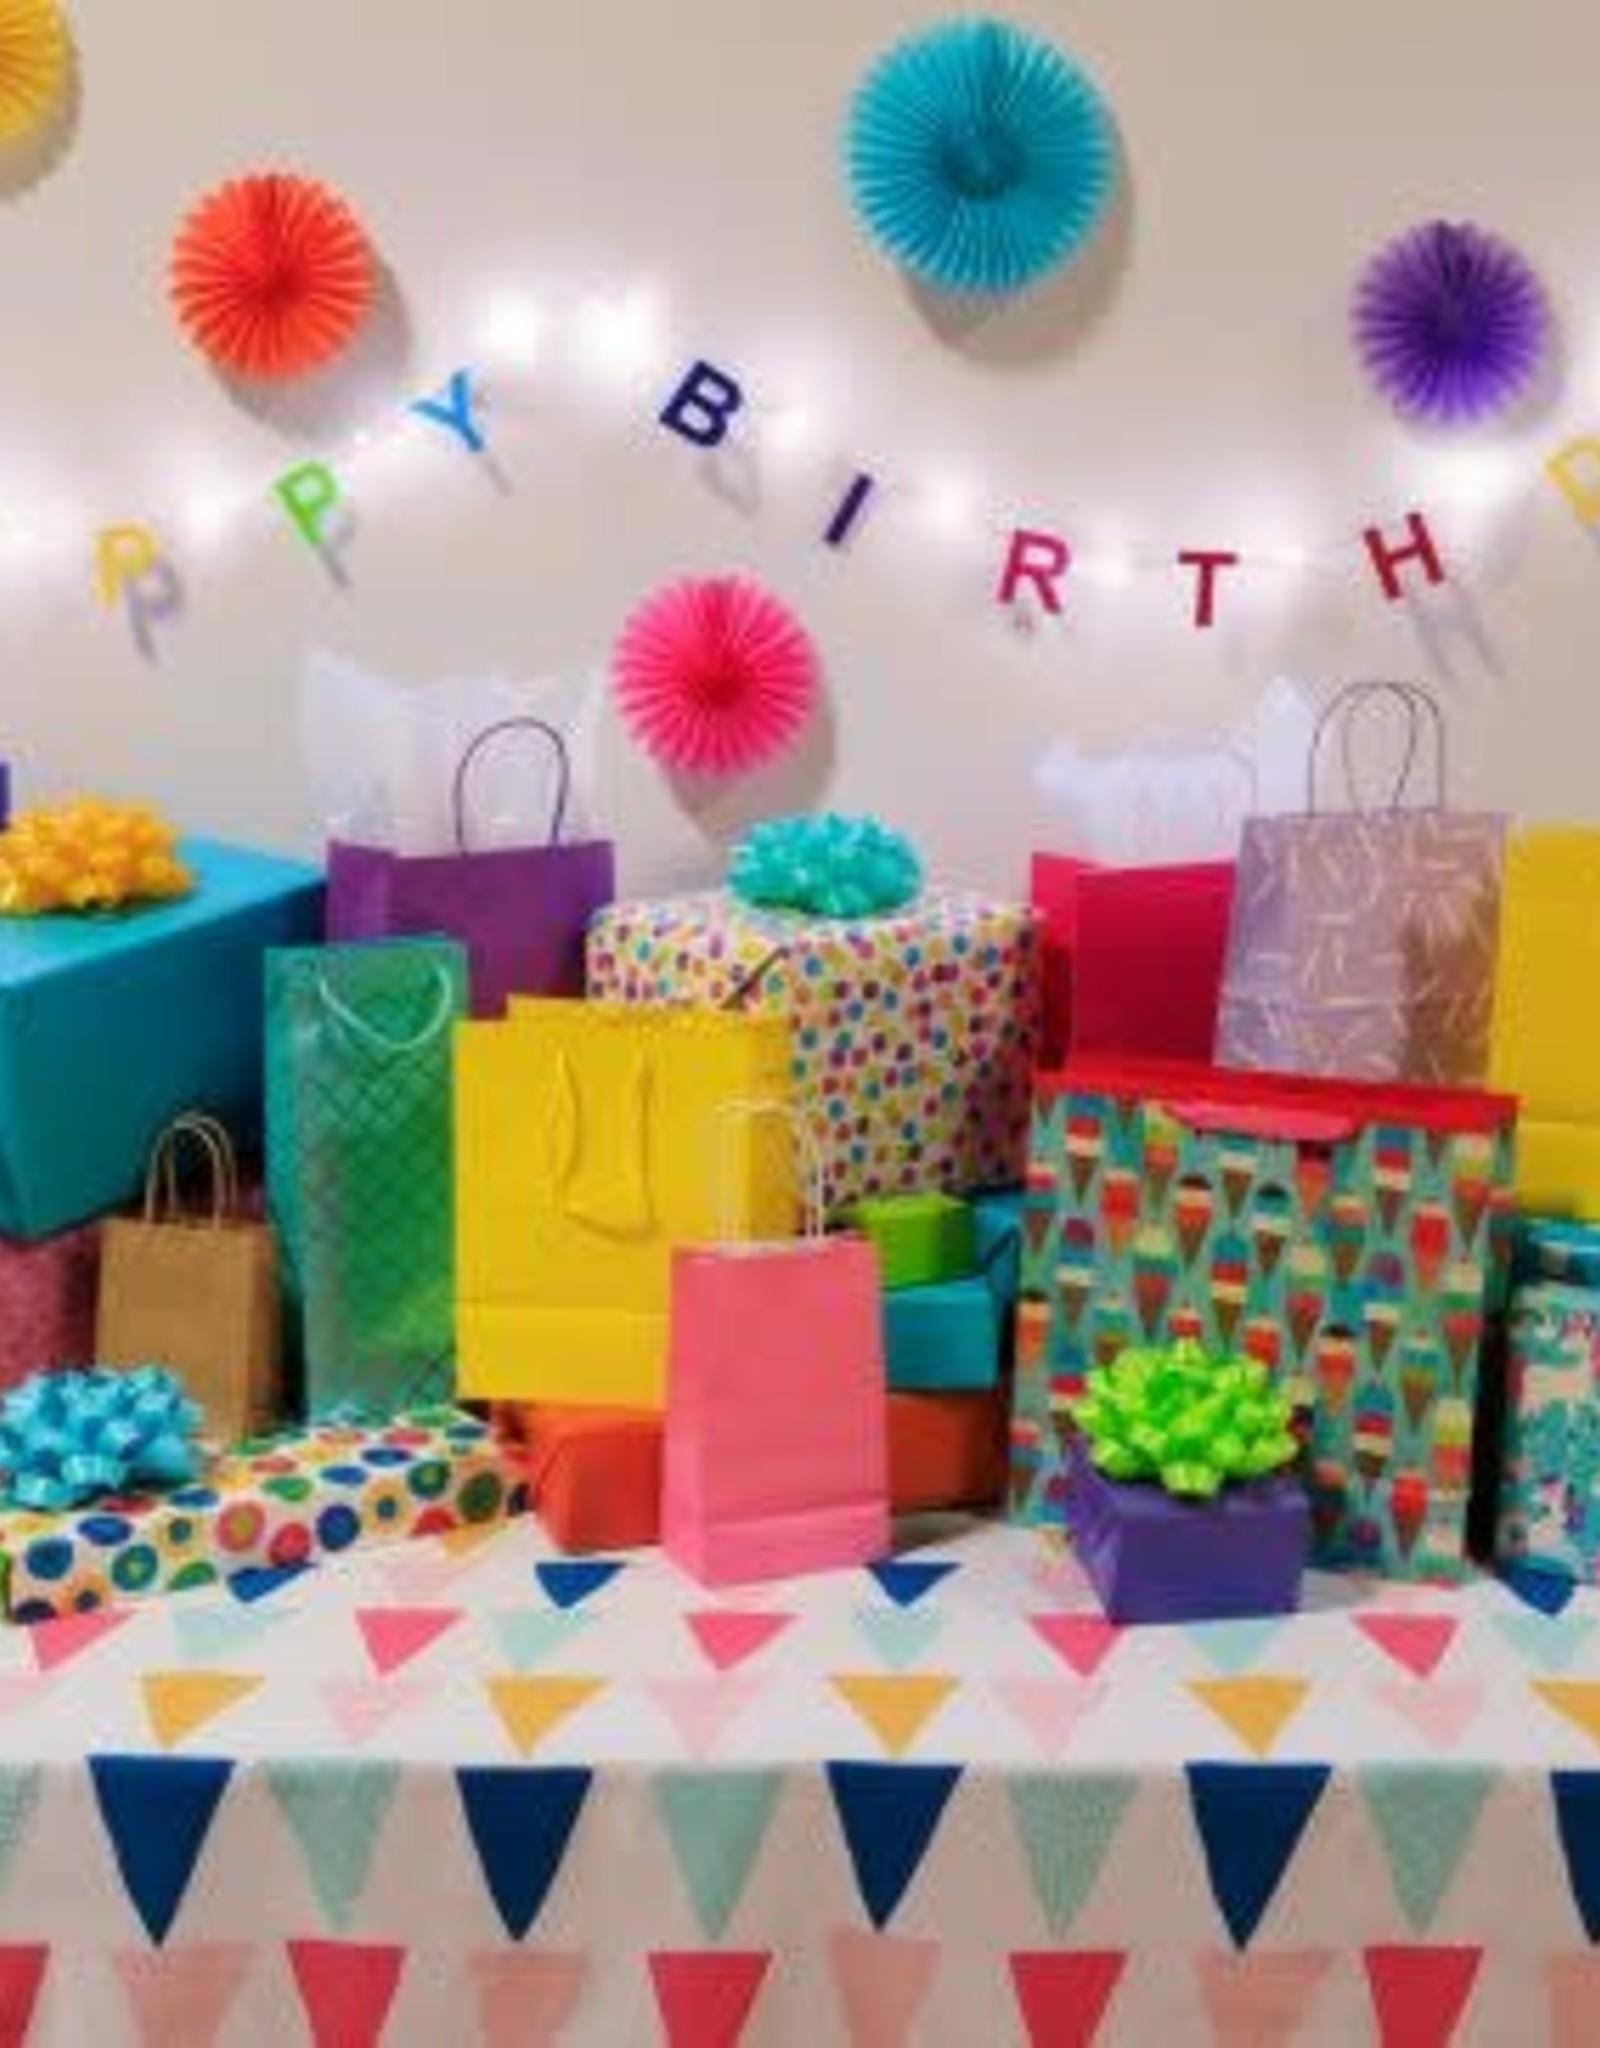 Brightz Brightz Felty - Happy Birthday